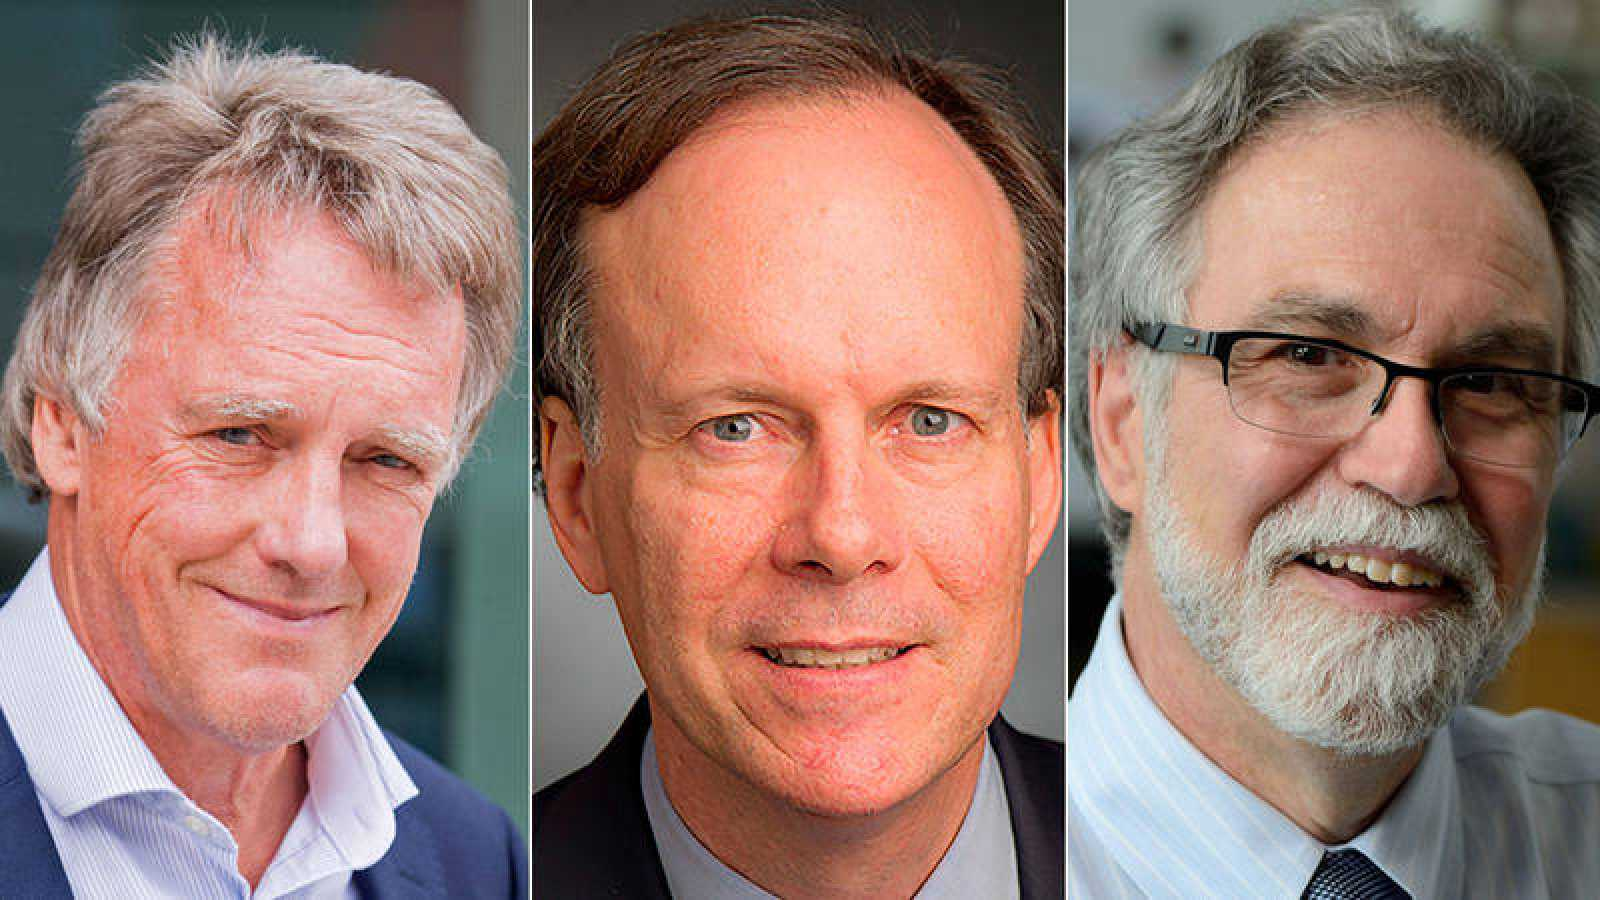 Prêmio Nobel de Medicina vai para a descoberta de como as células se adaptam à disponibilidade de oxigênio 21